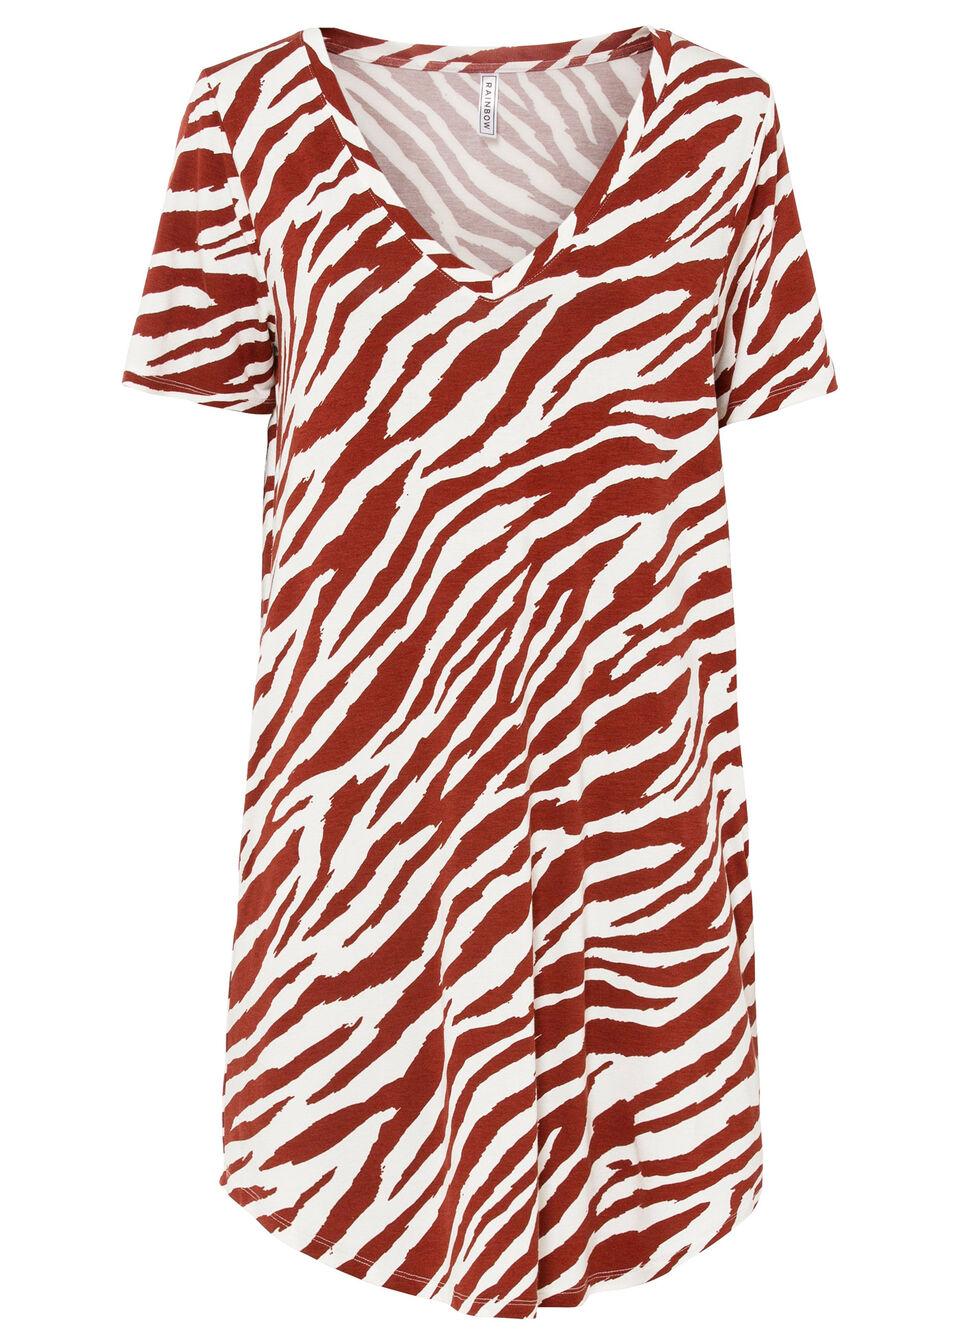 Sukienka shirtowa bonprix czerwony karminowy - biały w paski zebry